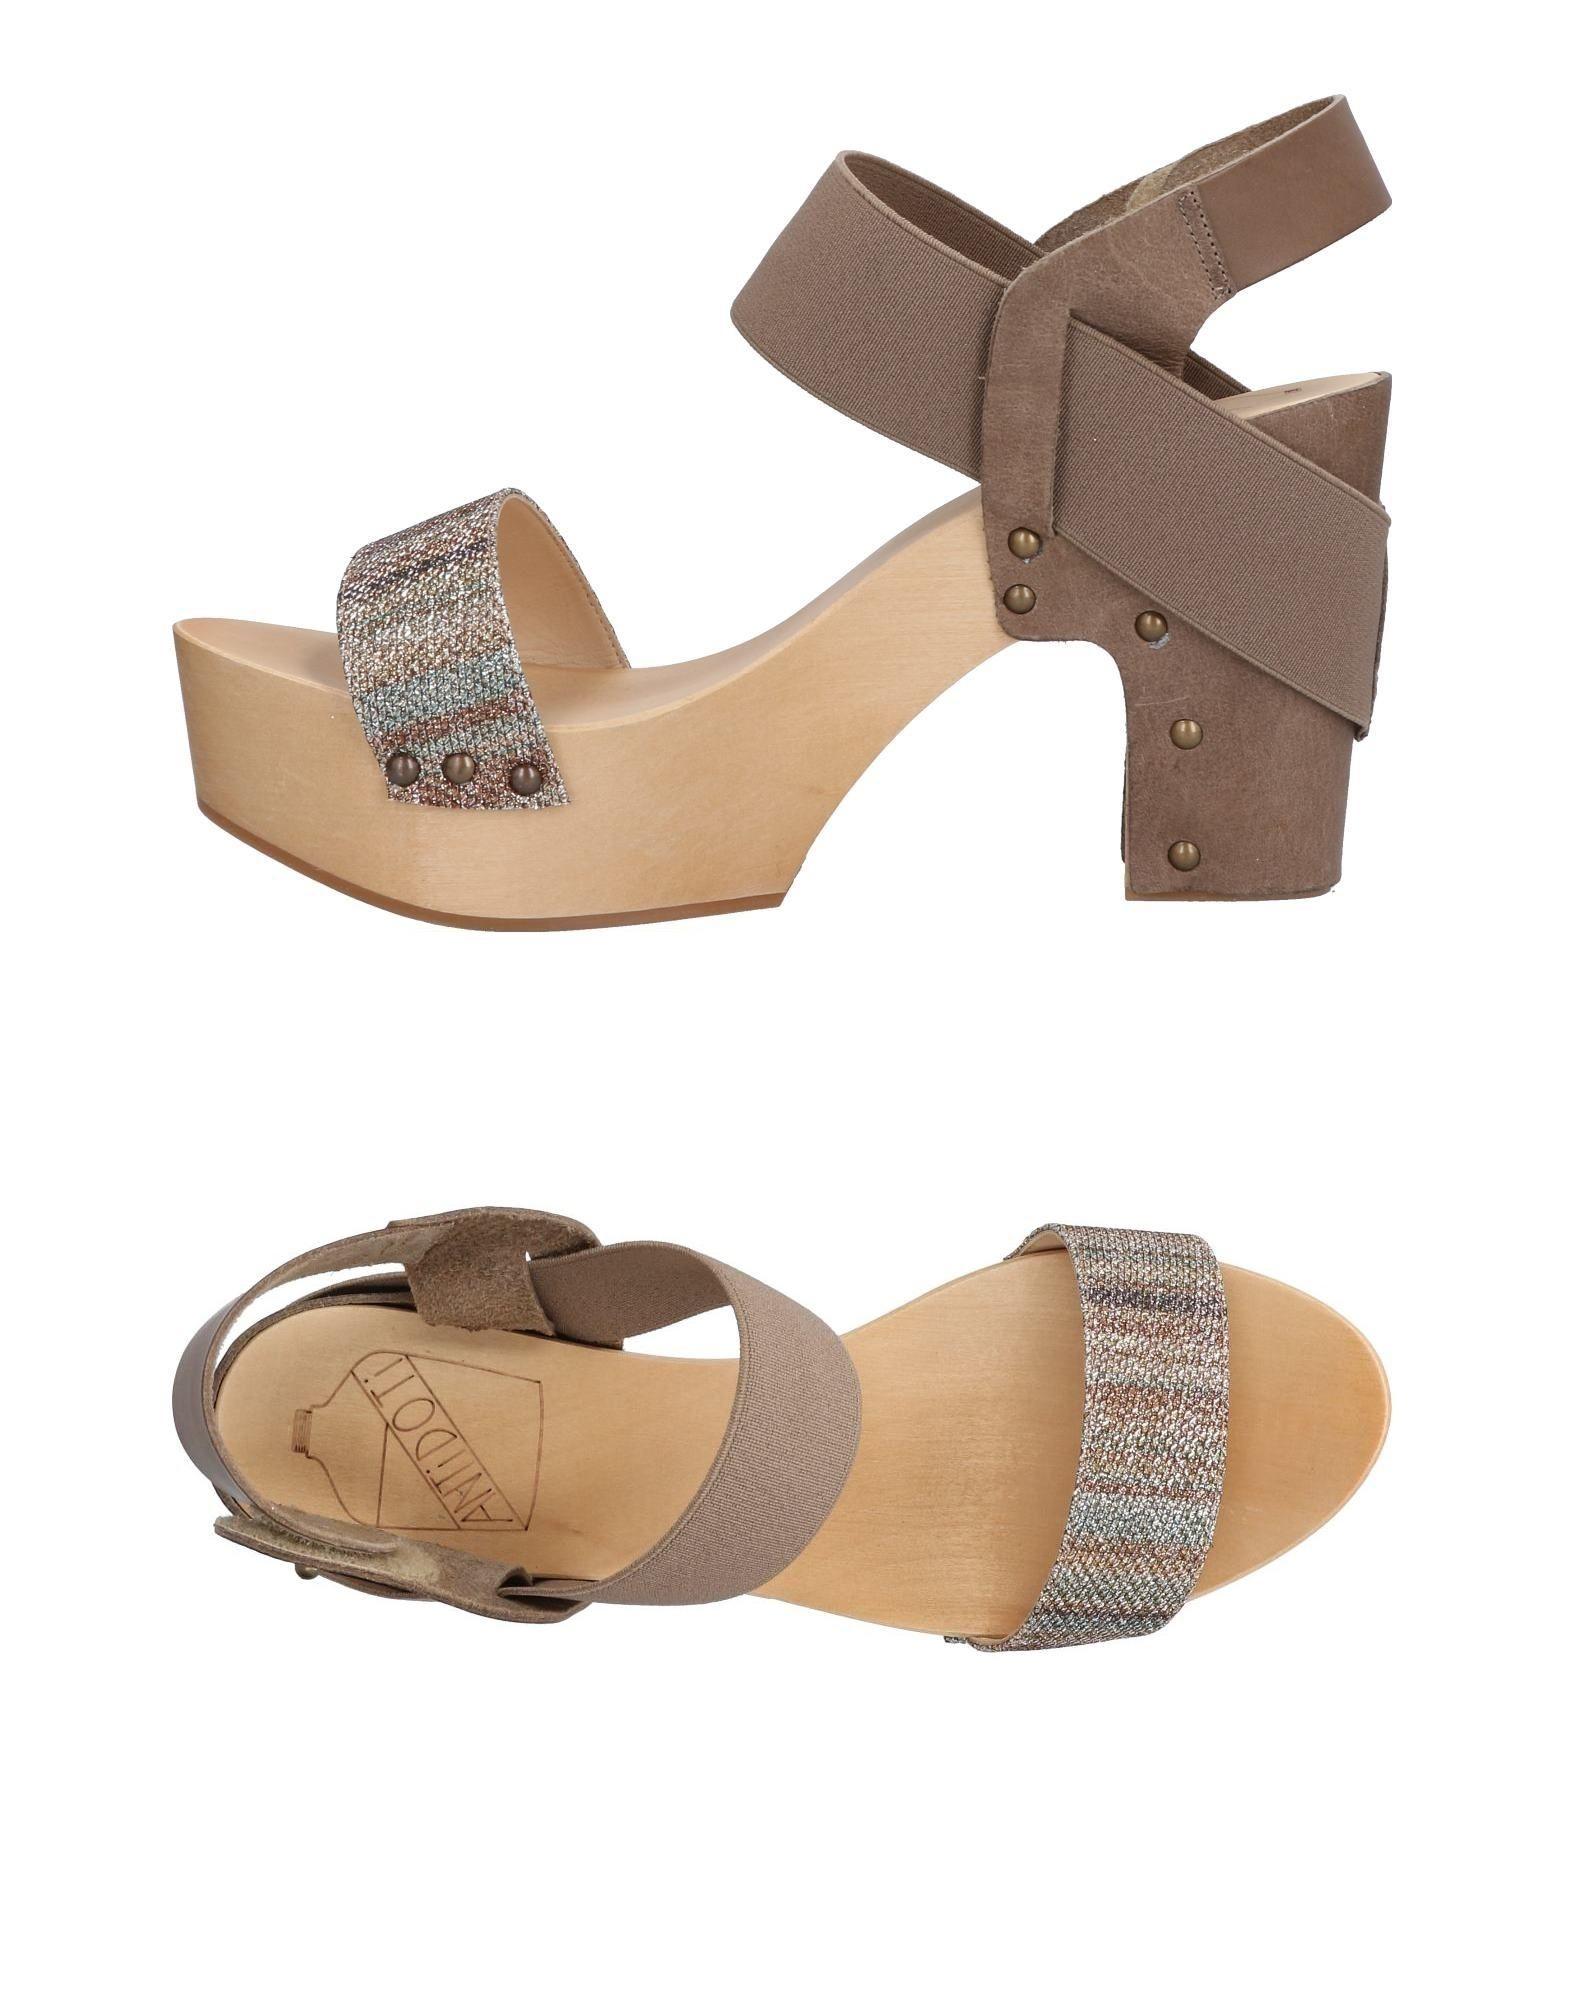 Moda Sandali Antidoti Donna - 11495148XS